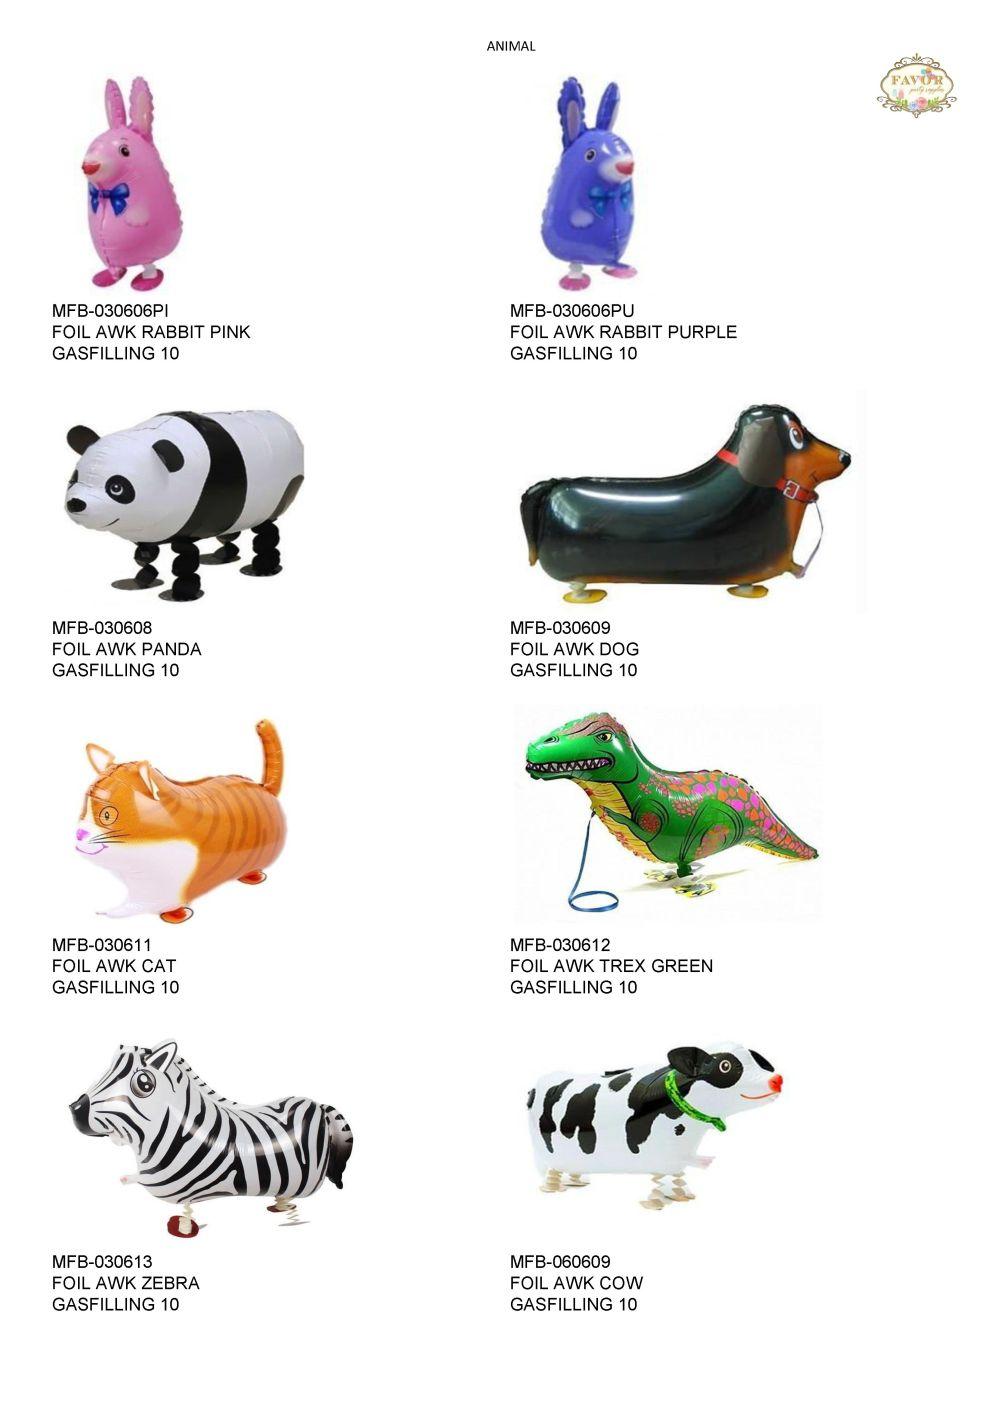 katalog-animal-and-hbd_10